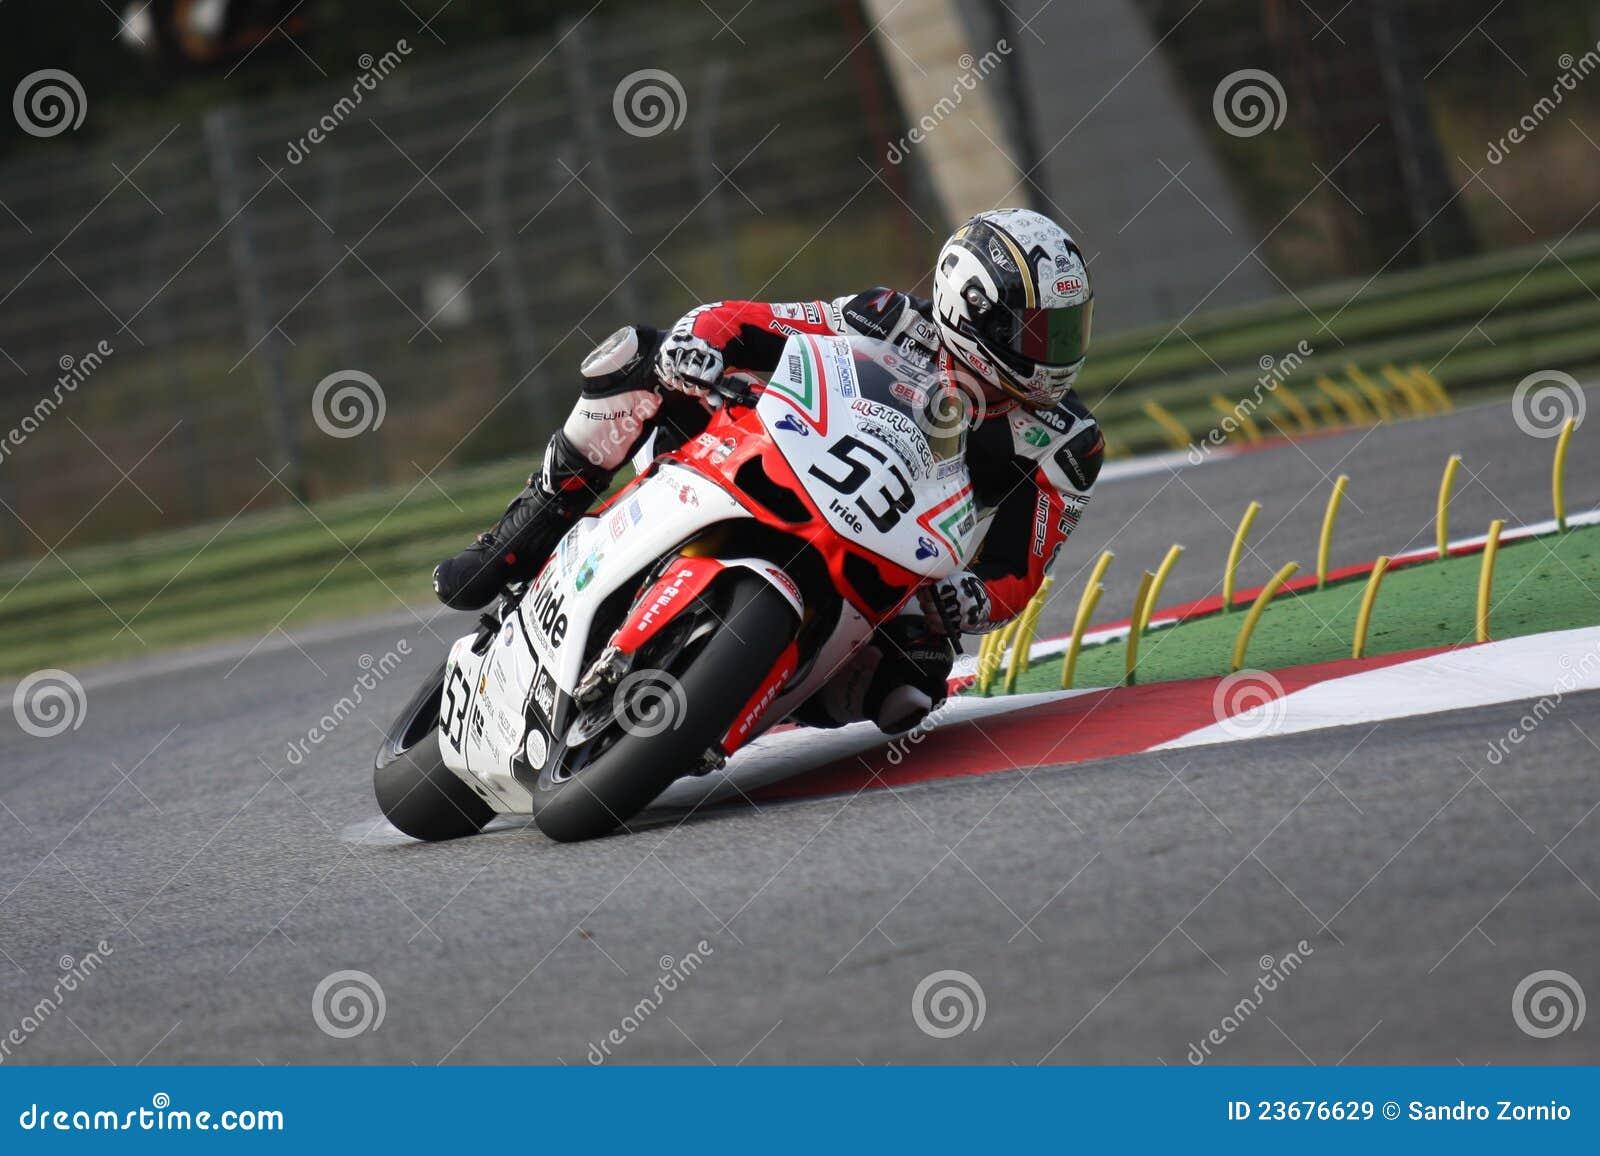 Alex Polita - Ducati 1098R - Barni che corre squadra